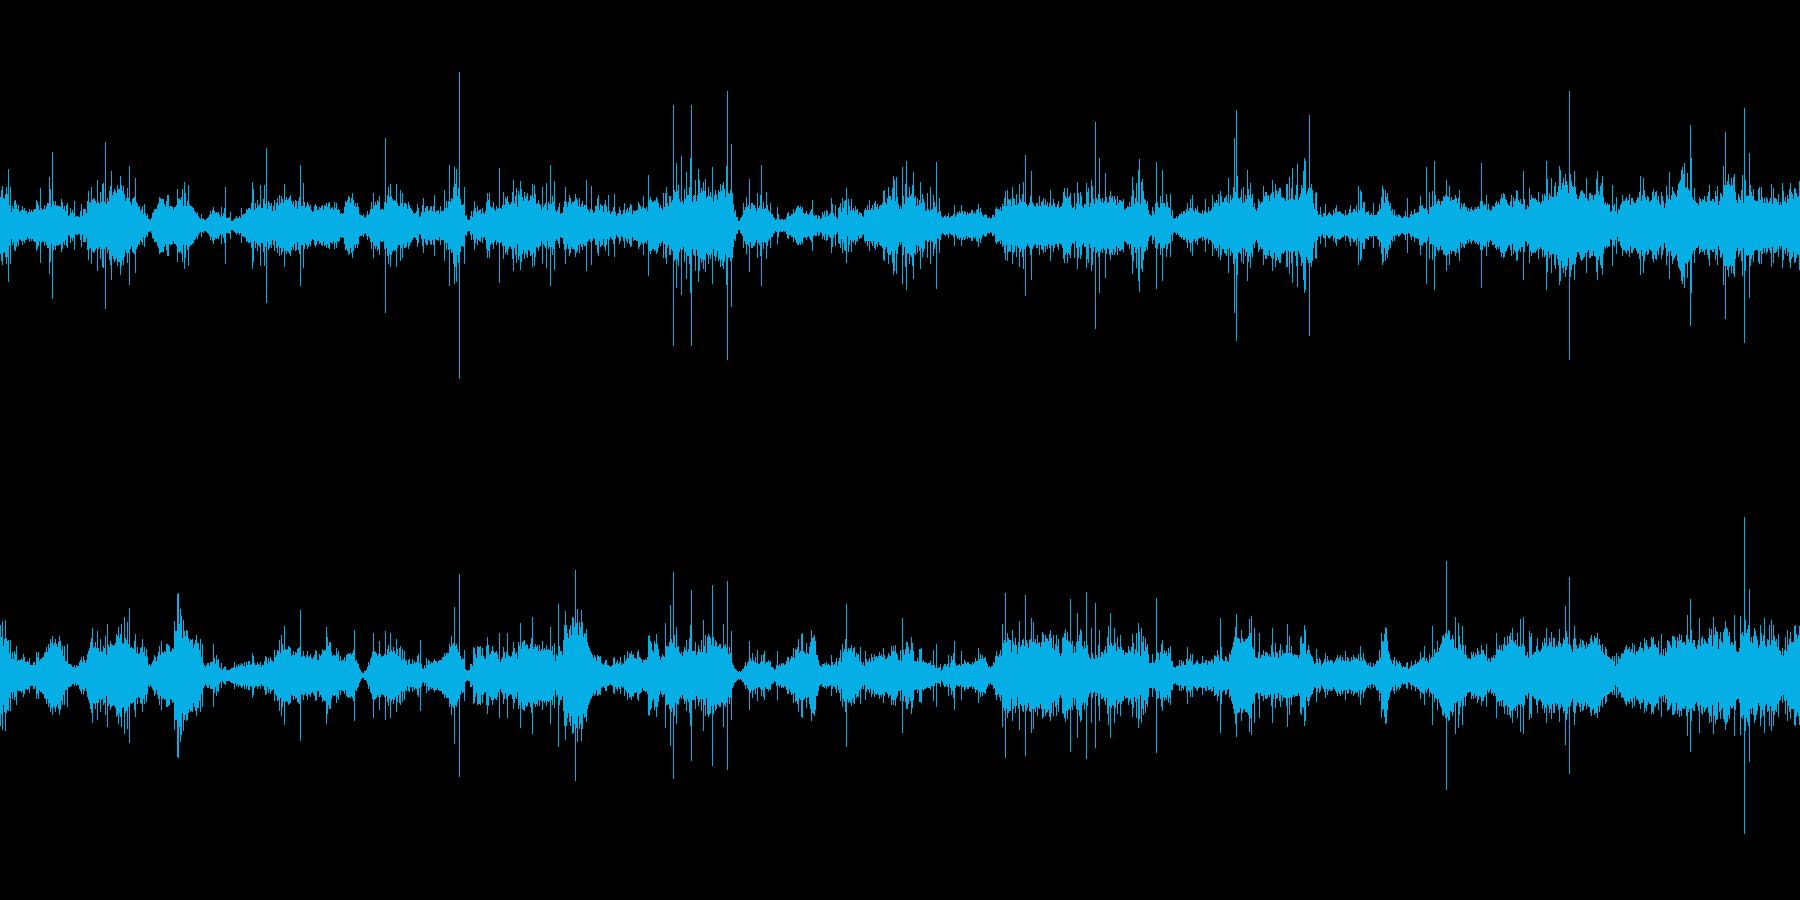 ムードノイズ(環境音)「サラサラ…」3の再生済みの波形